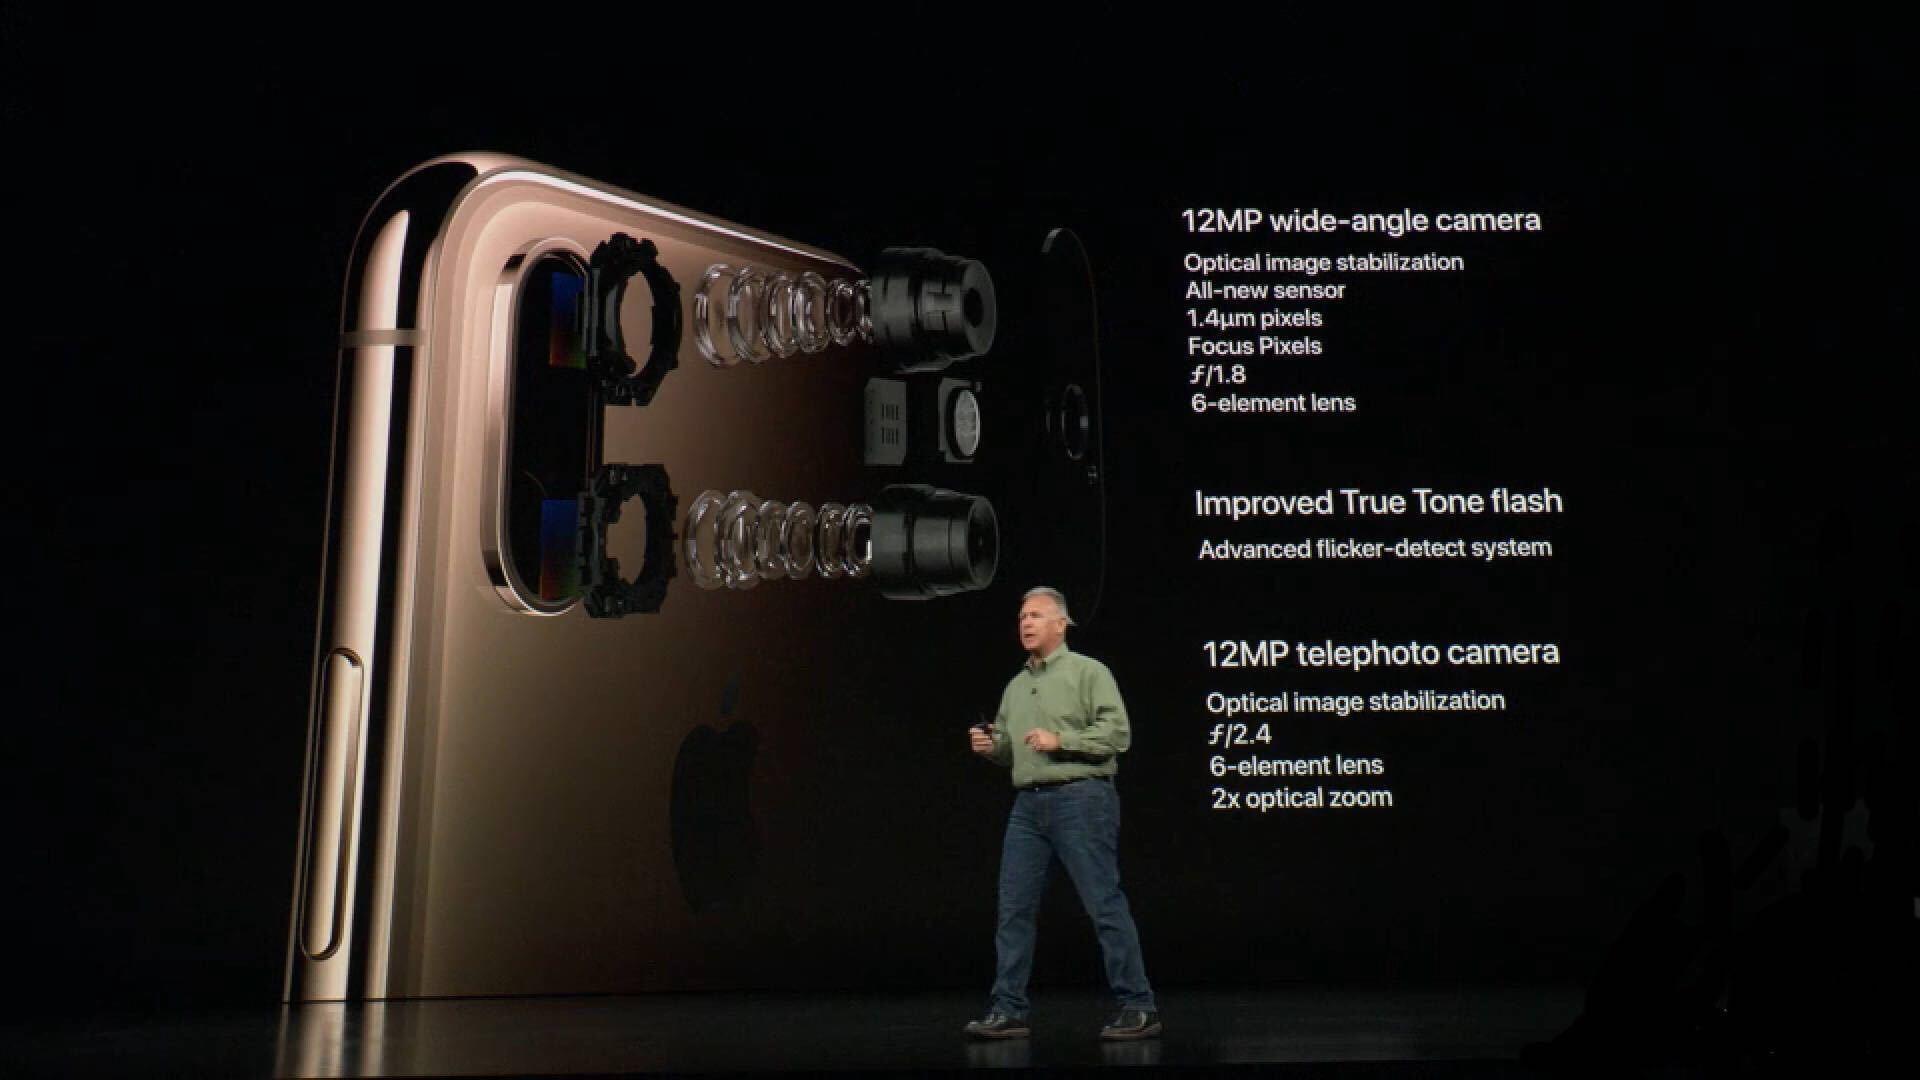 大家评测下iphonexs参数配置详细如何好不好,曝光iphone xs价格多少钱?